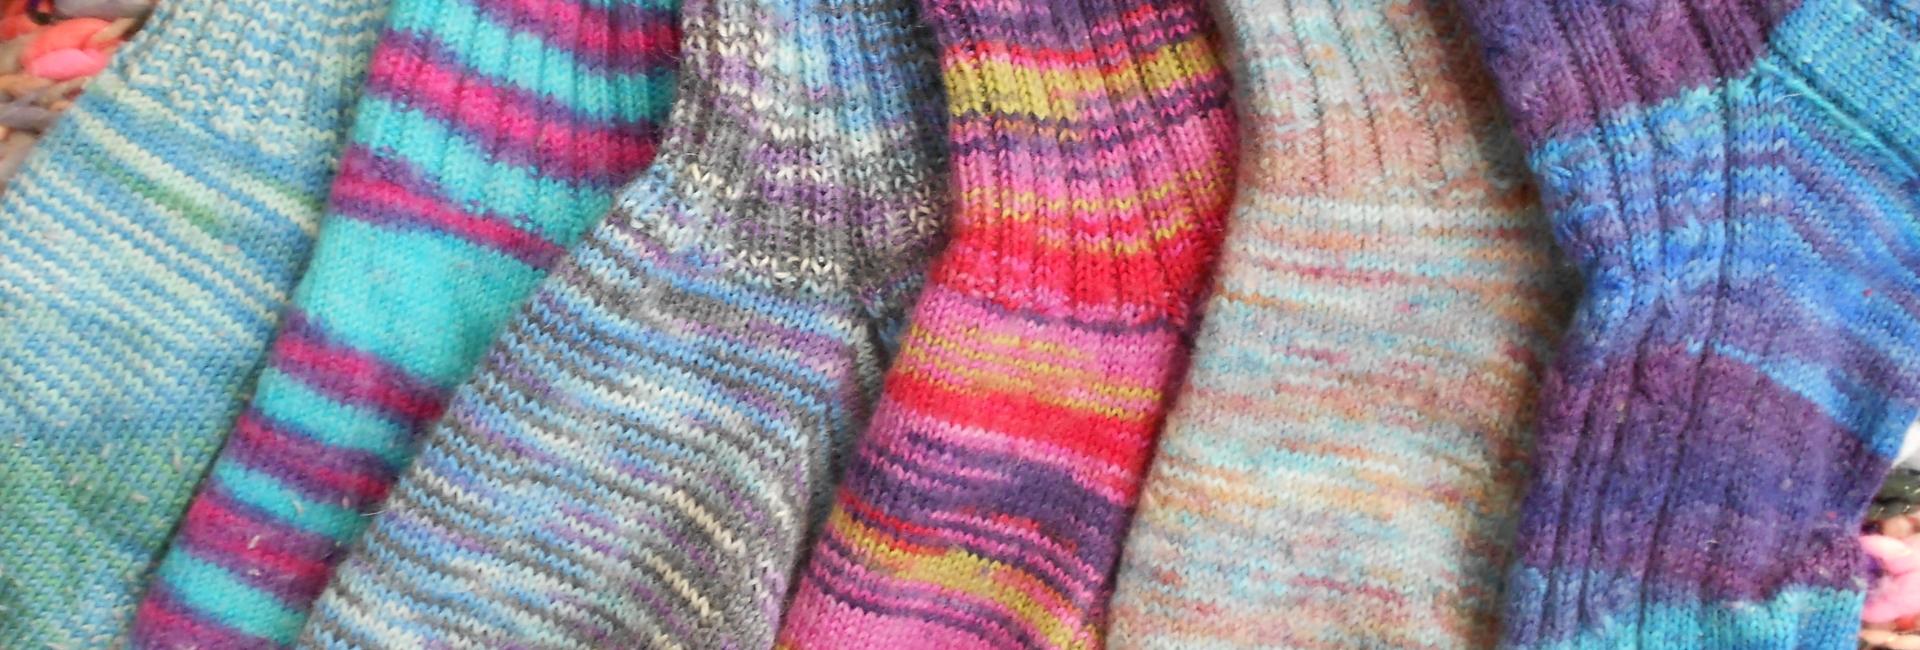 zeven sokken brengen geluk